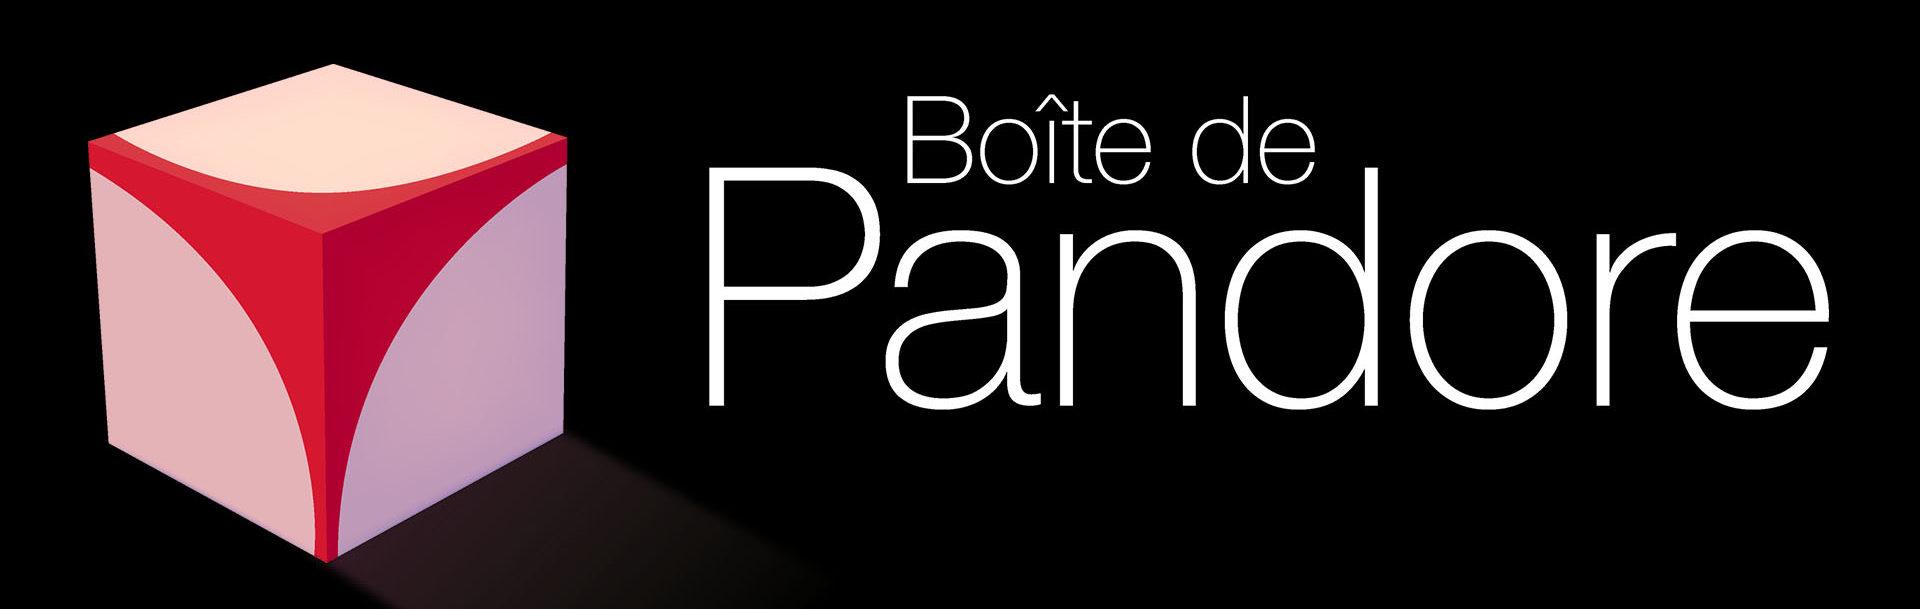 Logo Boite de Pandore - cube erotic logo